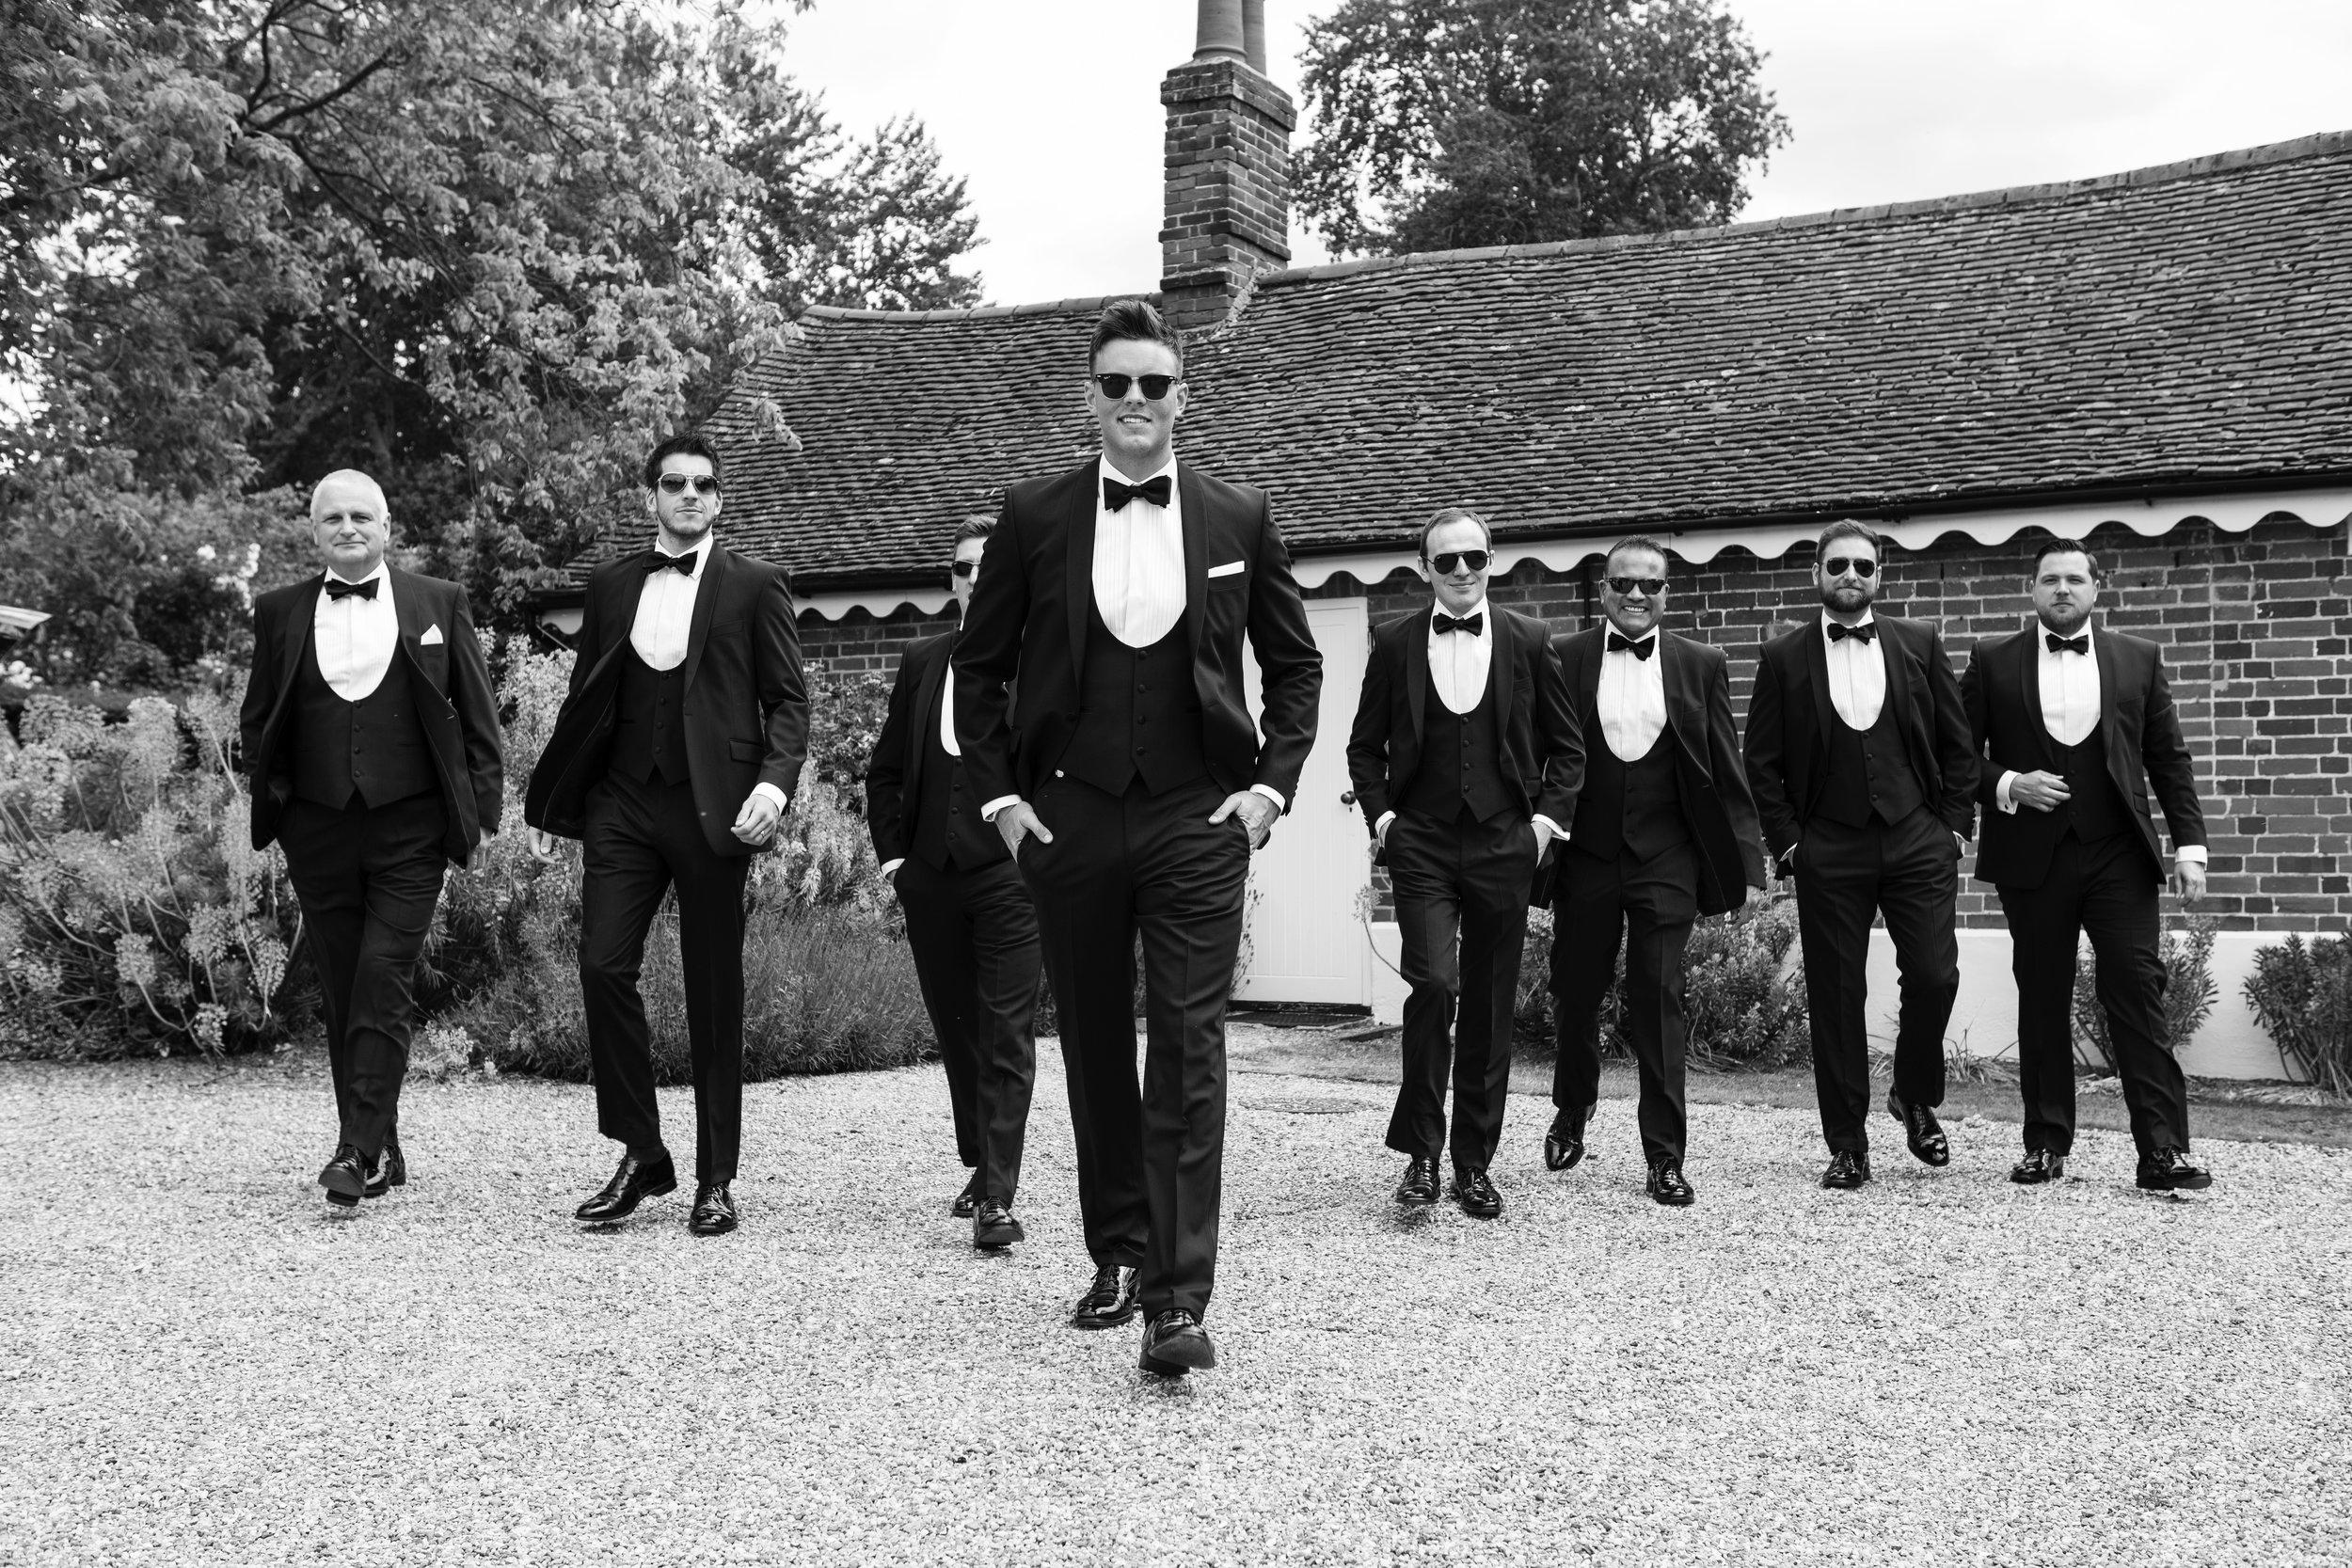 Groom with his groomsmen walking